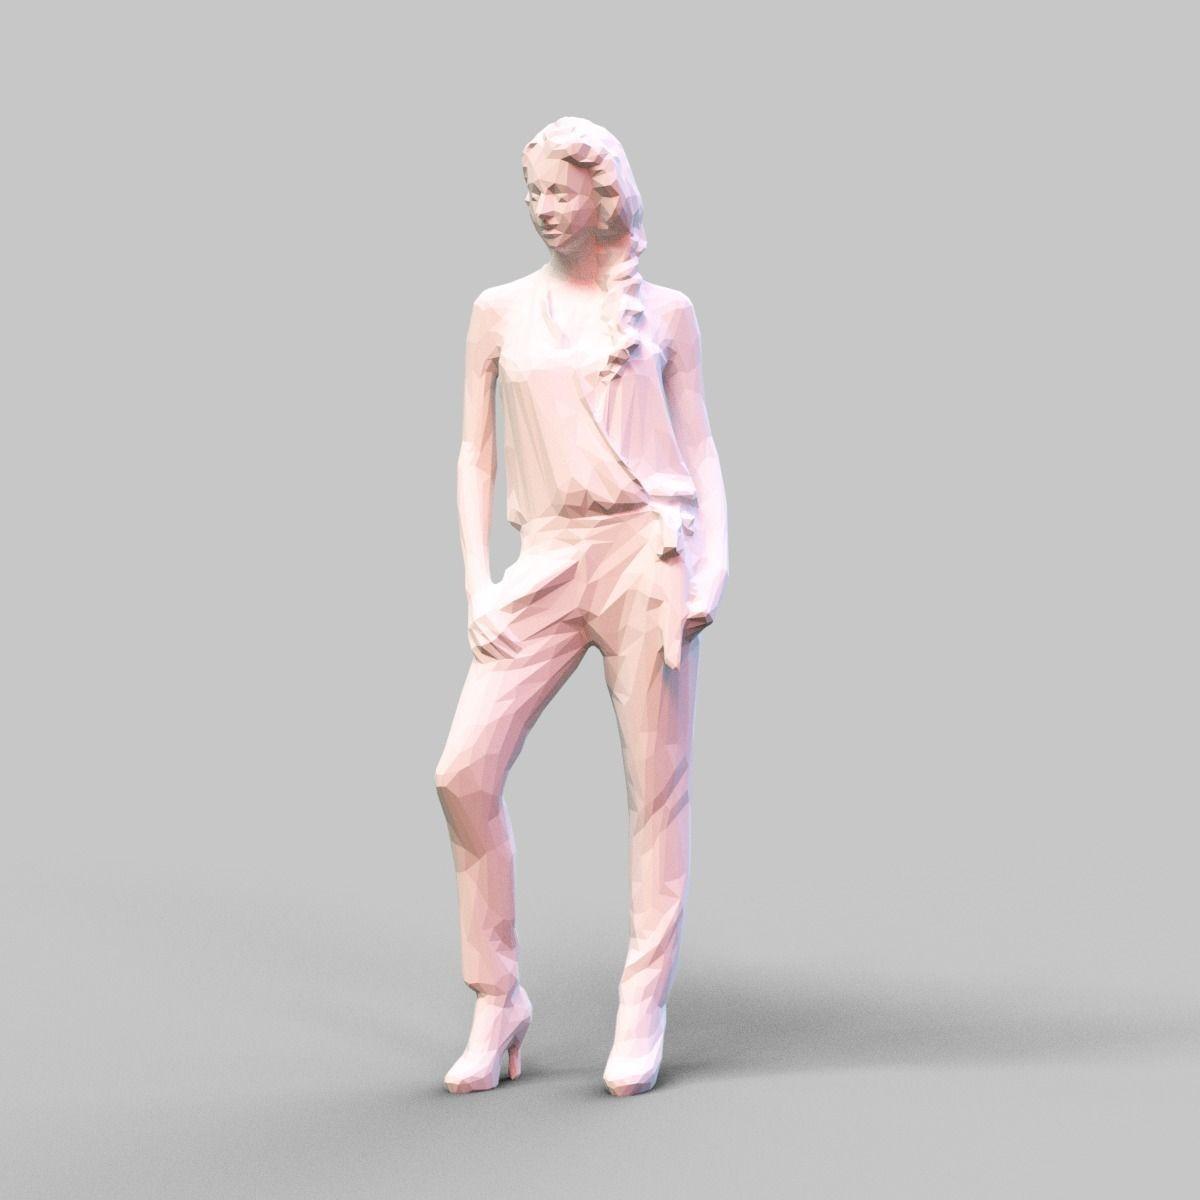 Girl Posing 2 3D Model 3D Printable OBJ